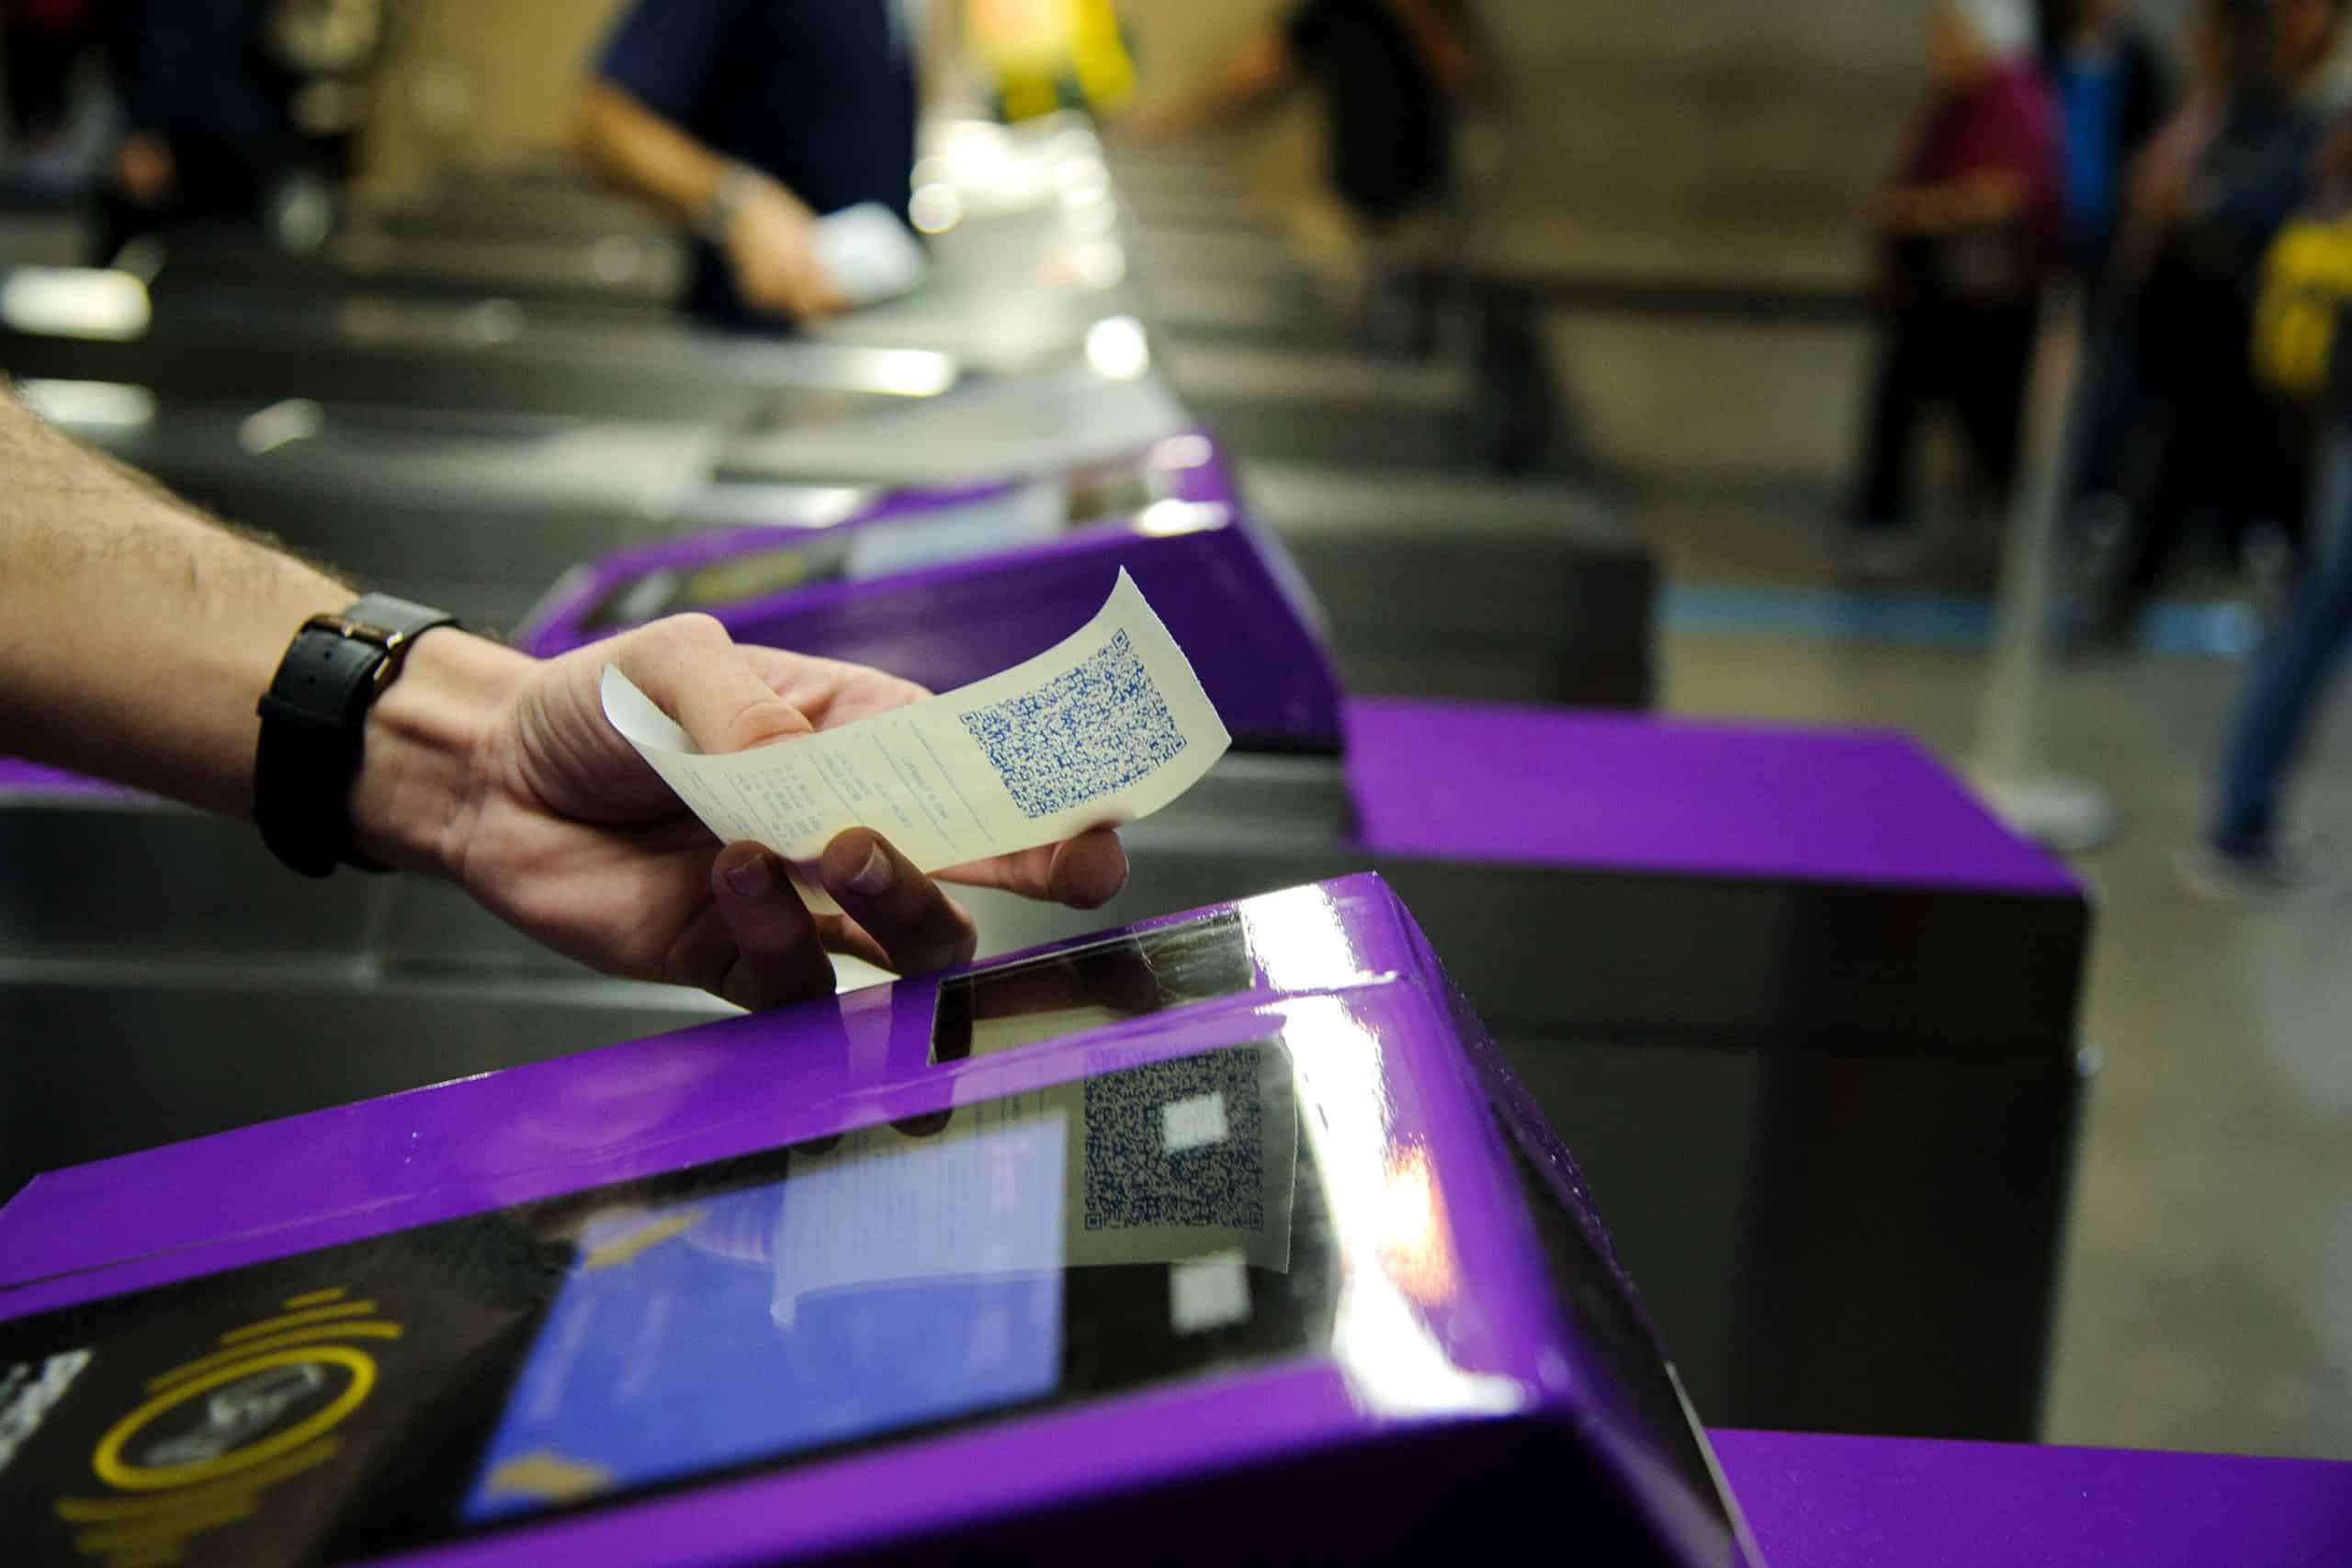 Trem e metrô de SP passam a emitir bilhete com QR Code; saiba como funciona